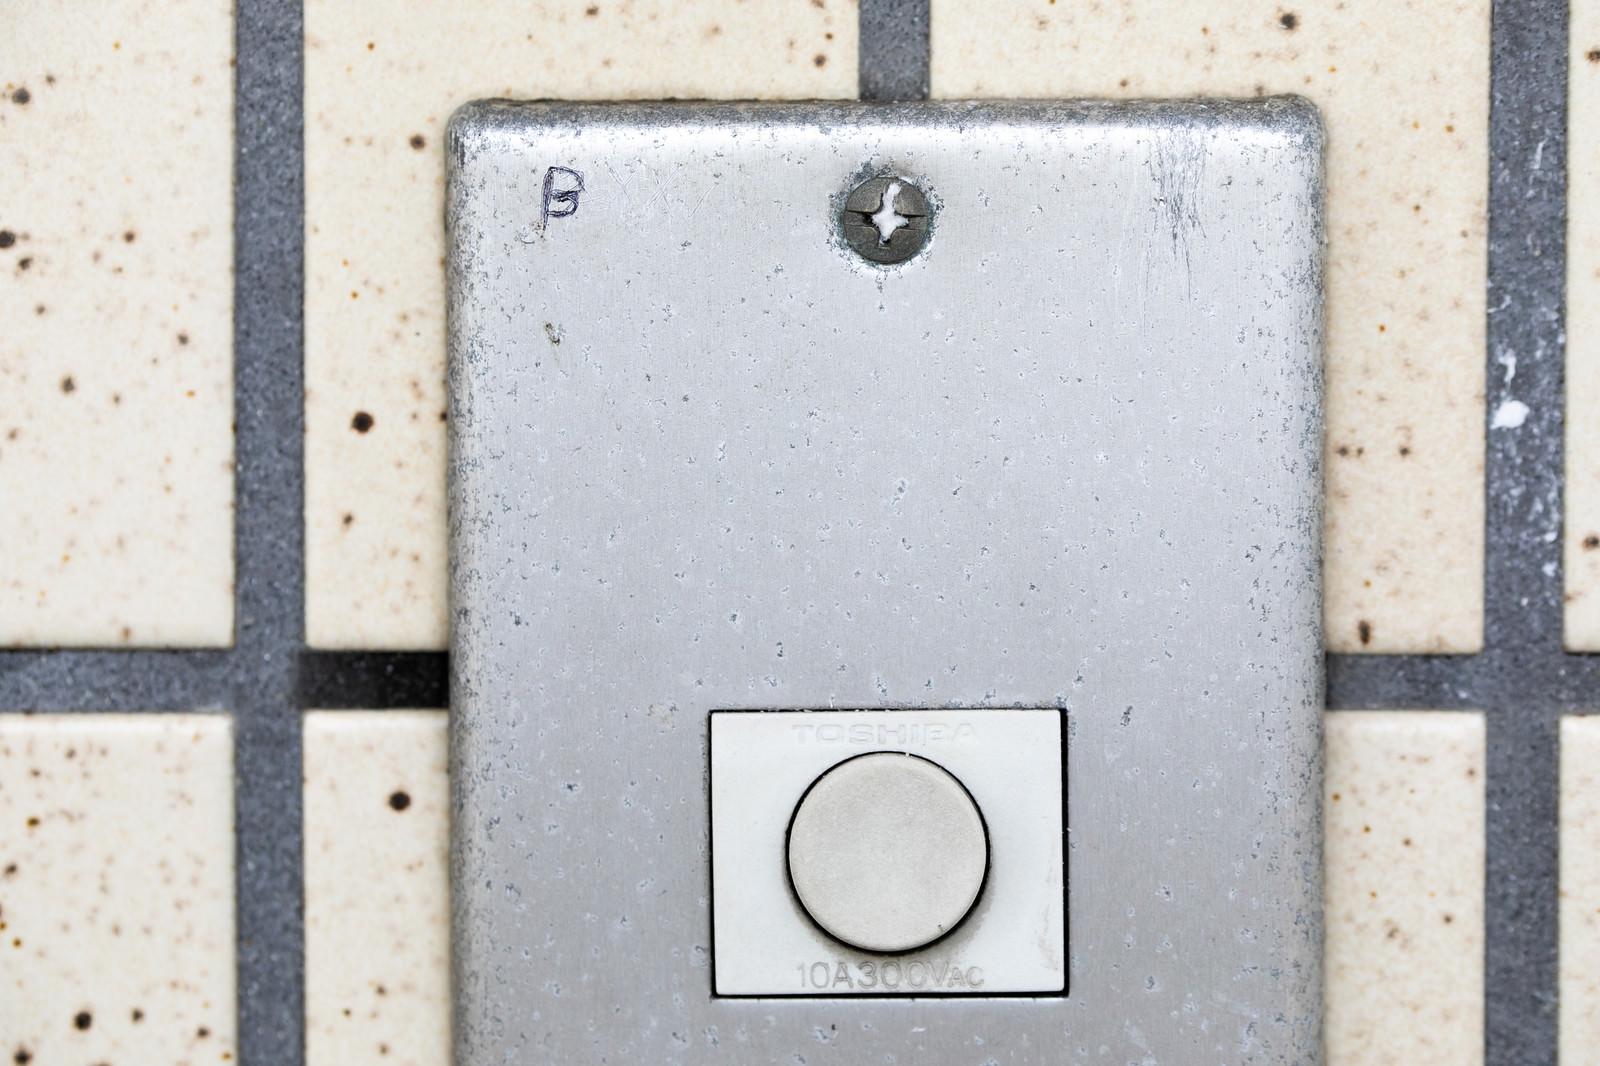 「玄関チャイムのマーキング(B)ー「ブラックリスト」玄関チャイムのマーキング(B)ー「ブラックリスト」」のフリー写真素材を拡大